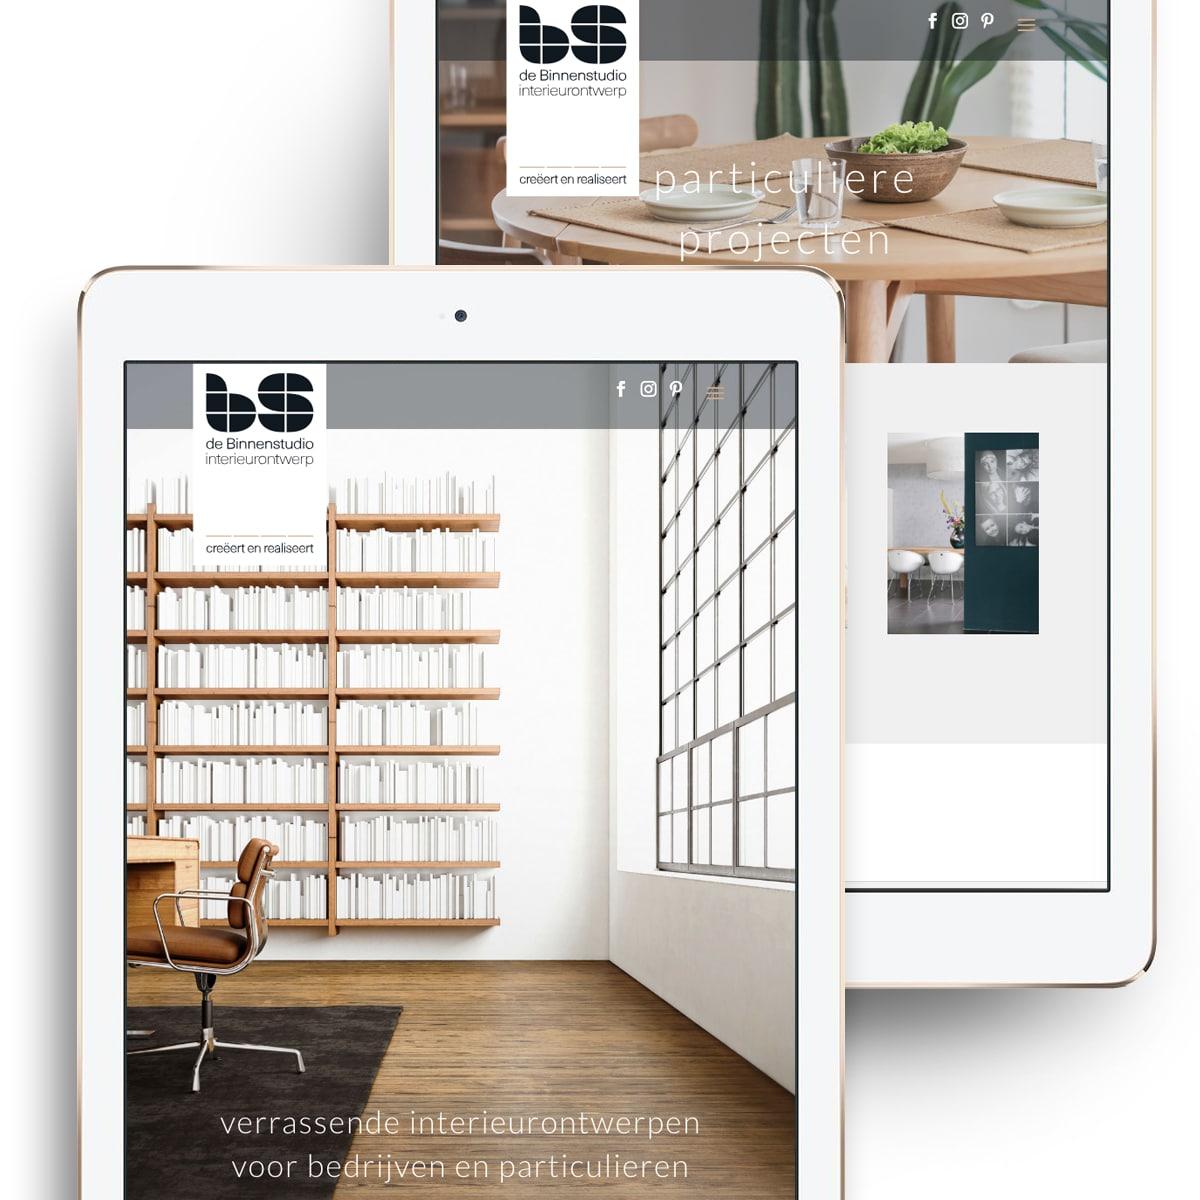 Studio Chris10 - Website voor De Binnenstudio